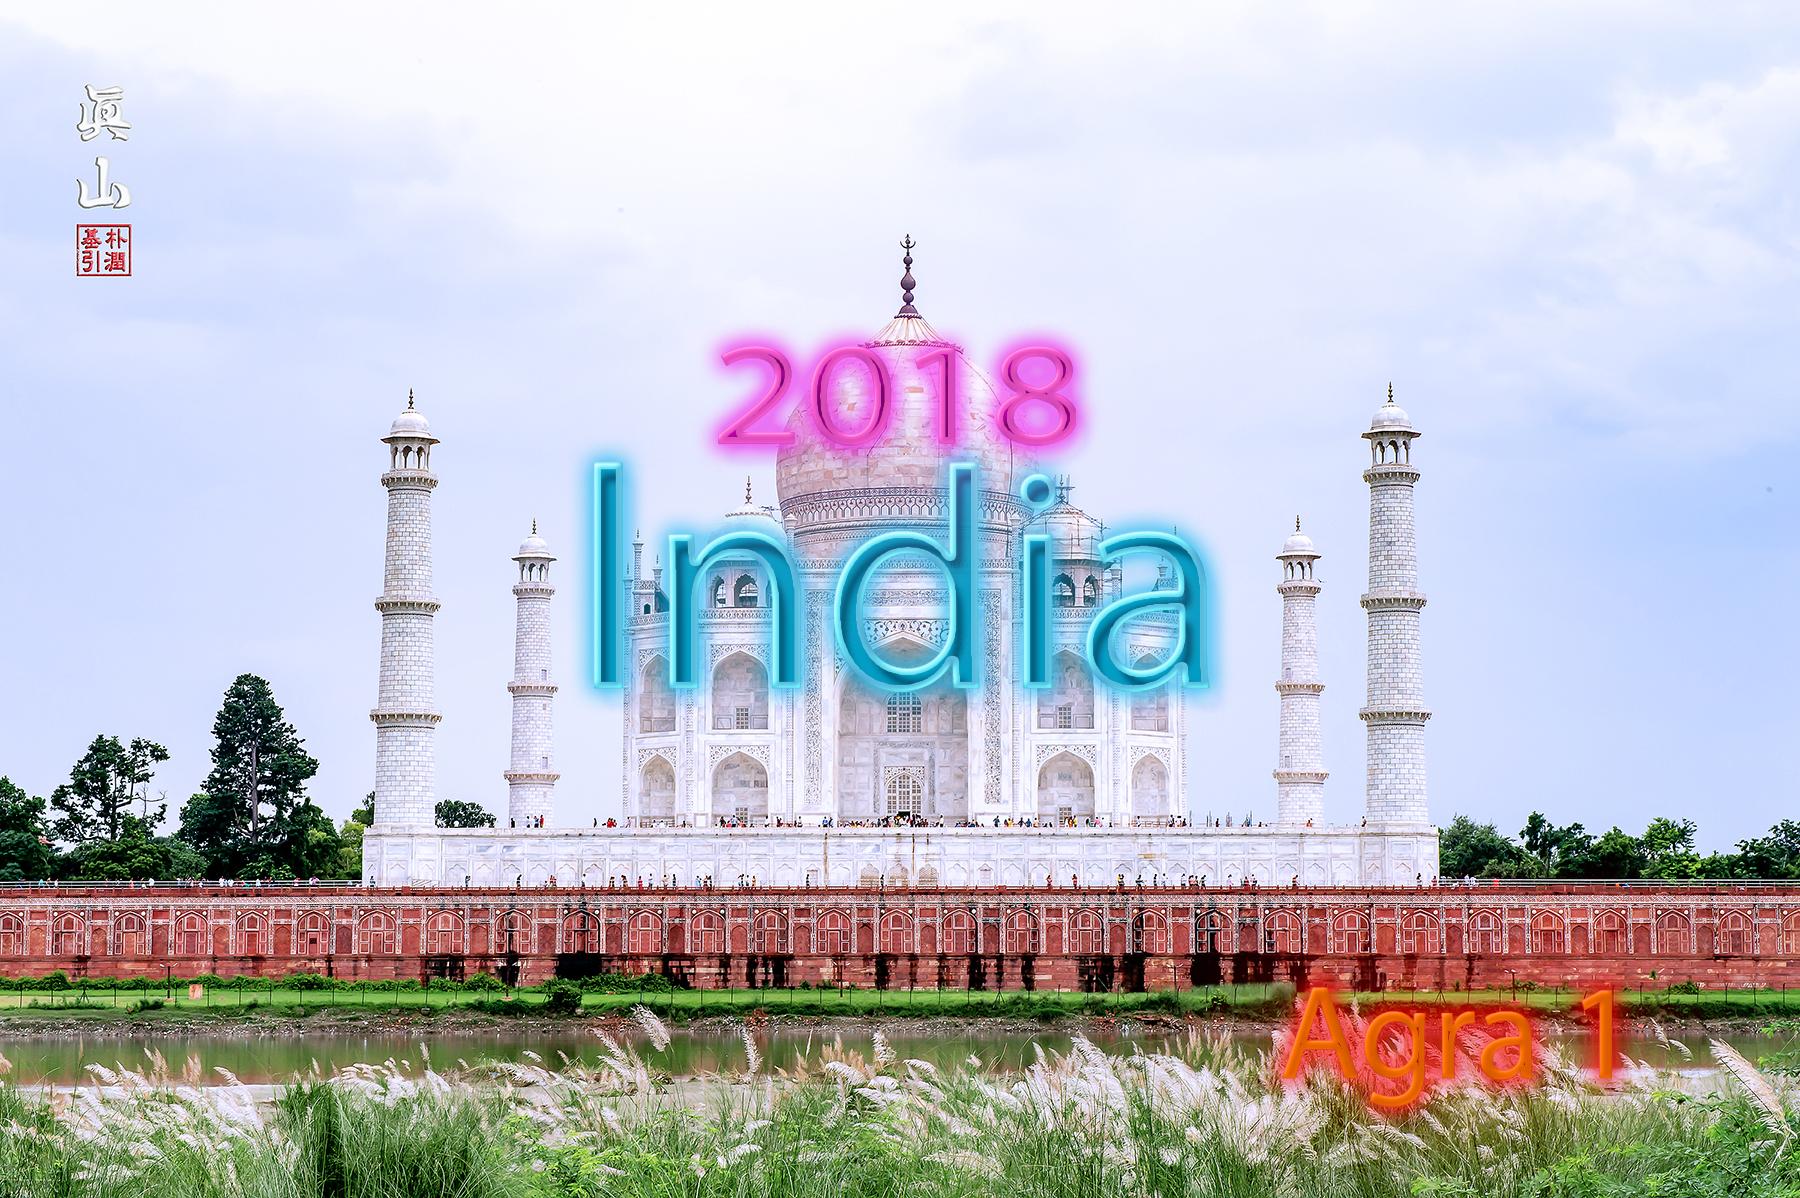 2018 India Tour - Agra 1, 5th day